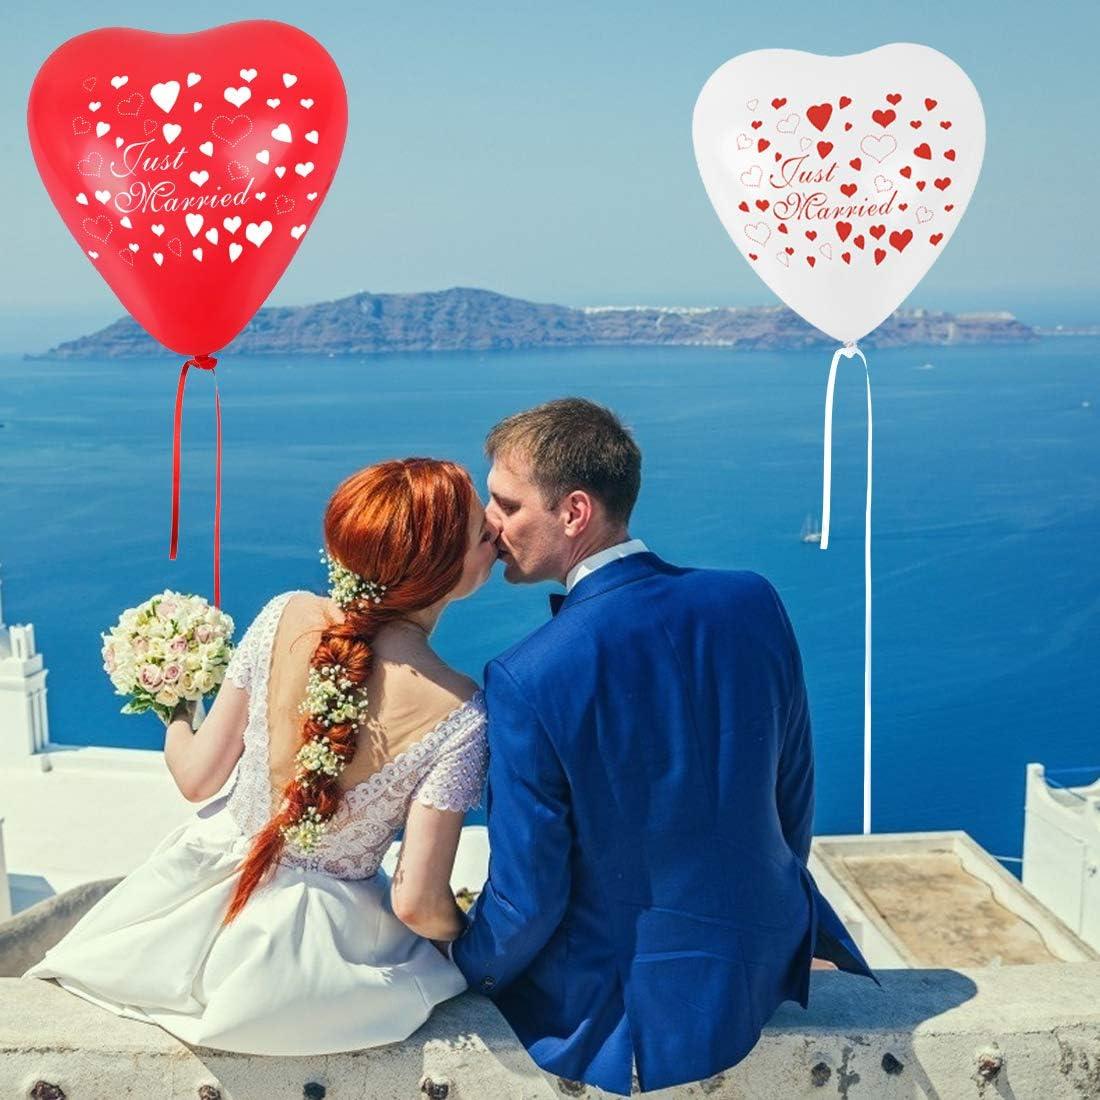 Latex Herz Ballon /Ø 30 cm Bluelves Motiv Just Married Luftballons 50 St/ück Herzluftballons Rot Wei/ß Herzballons Helium Luftballon Herz Luftballons Hochzeit